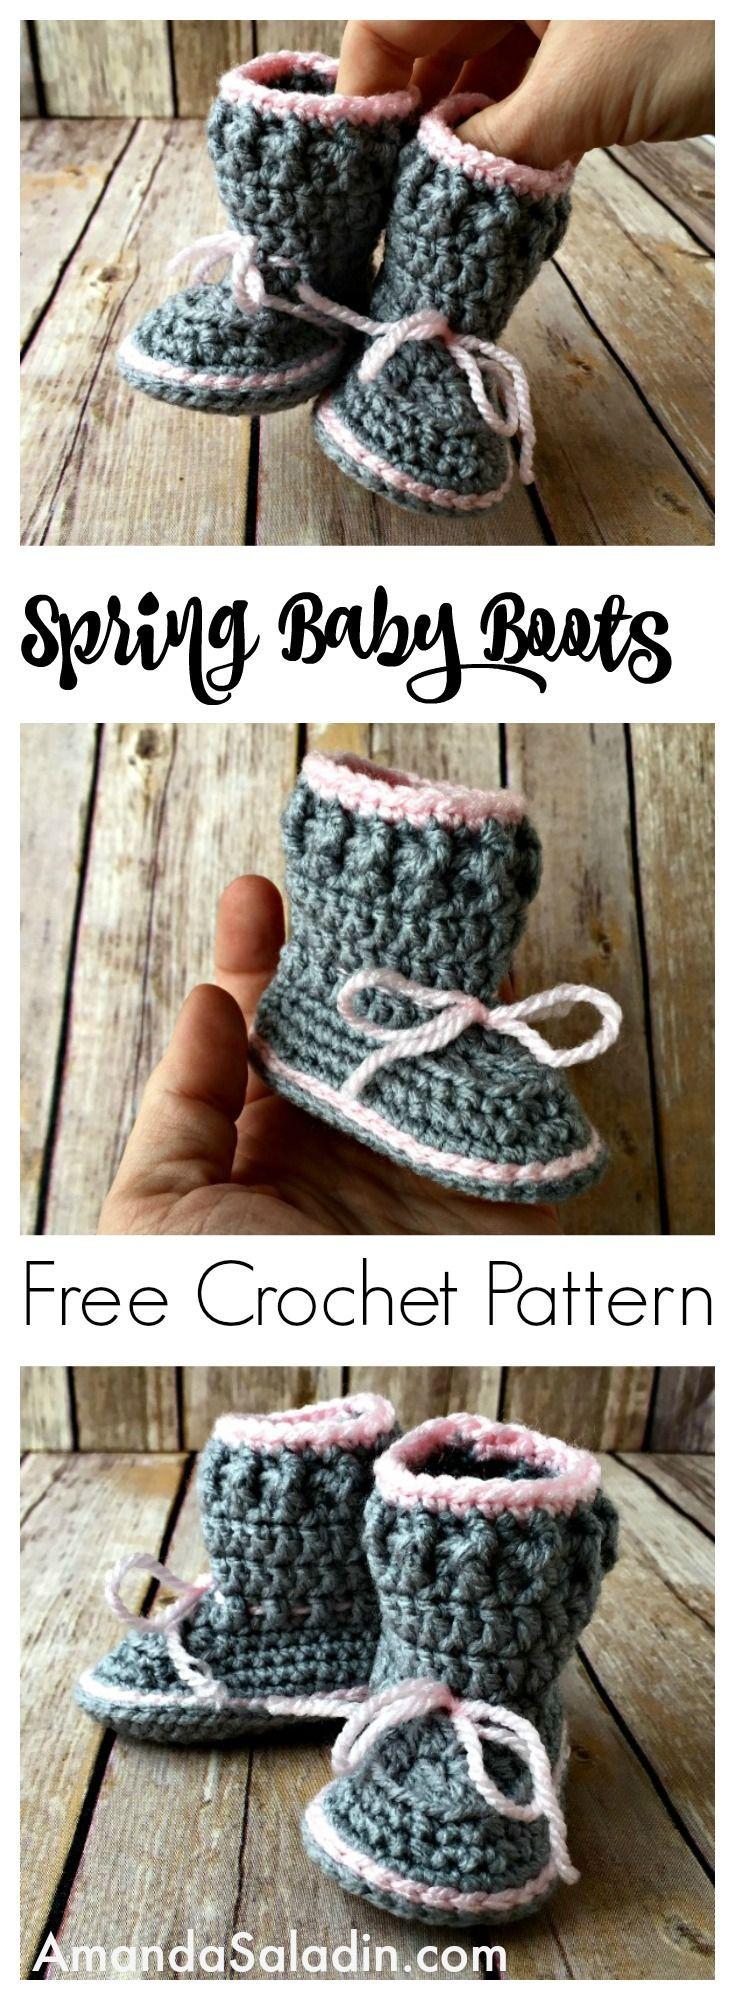 Vistoso Puños De Arranque Patrón De Crochet Libre Elaboración ...